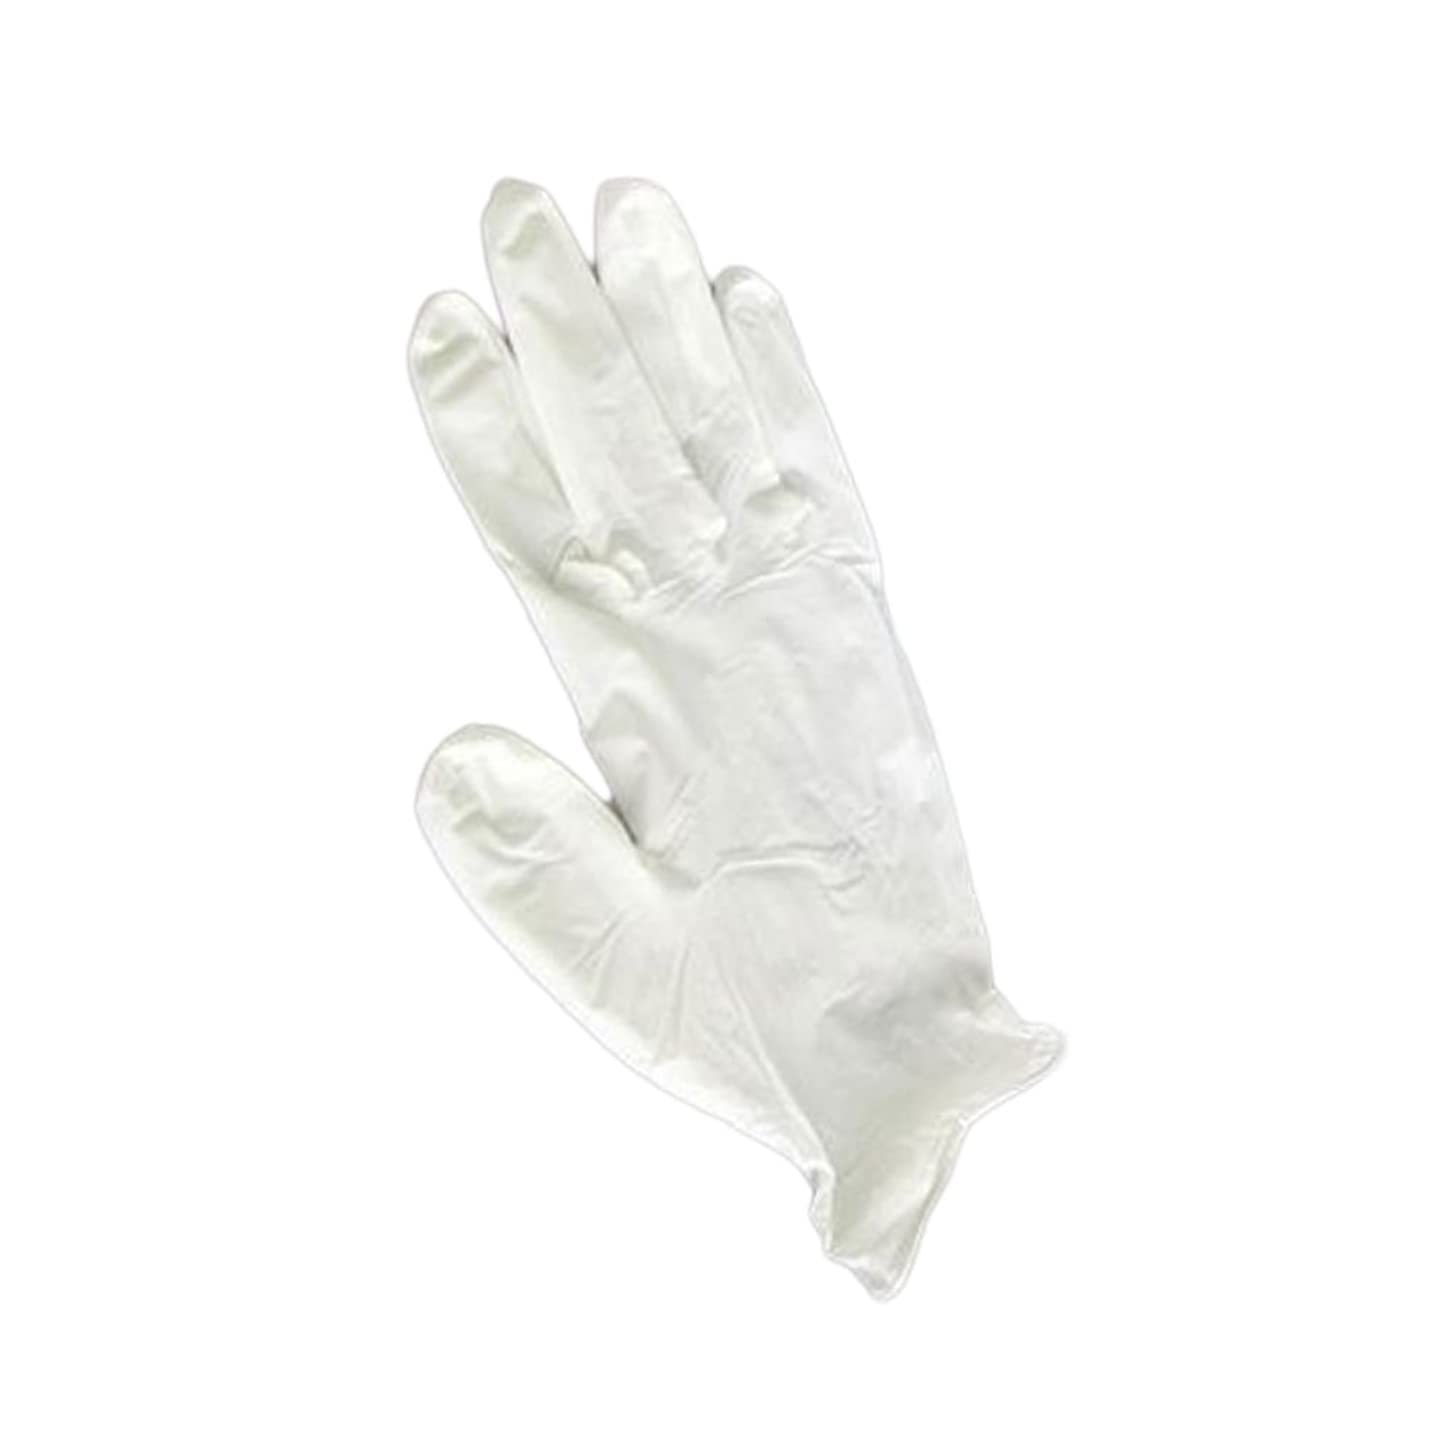 教育学保証ミケランジェロ三高サプライ ニトリルグローブ(ゴム手袋) パウダーフリー BOXタイプ ダーマホワイト 100枚入り GN01 S